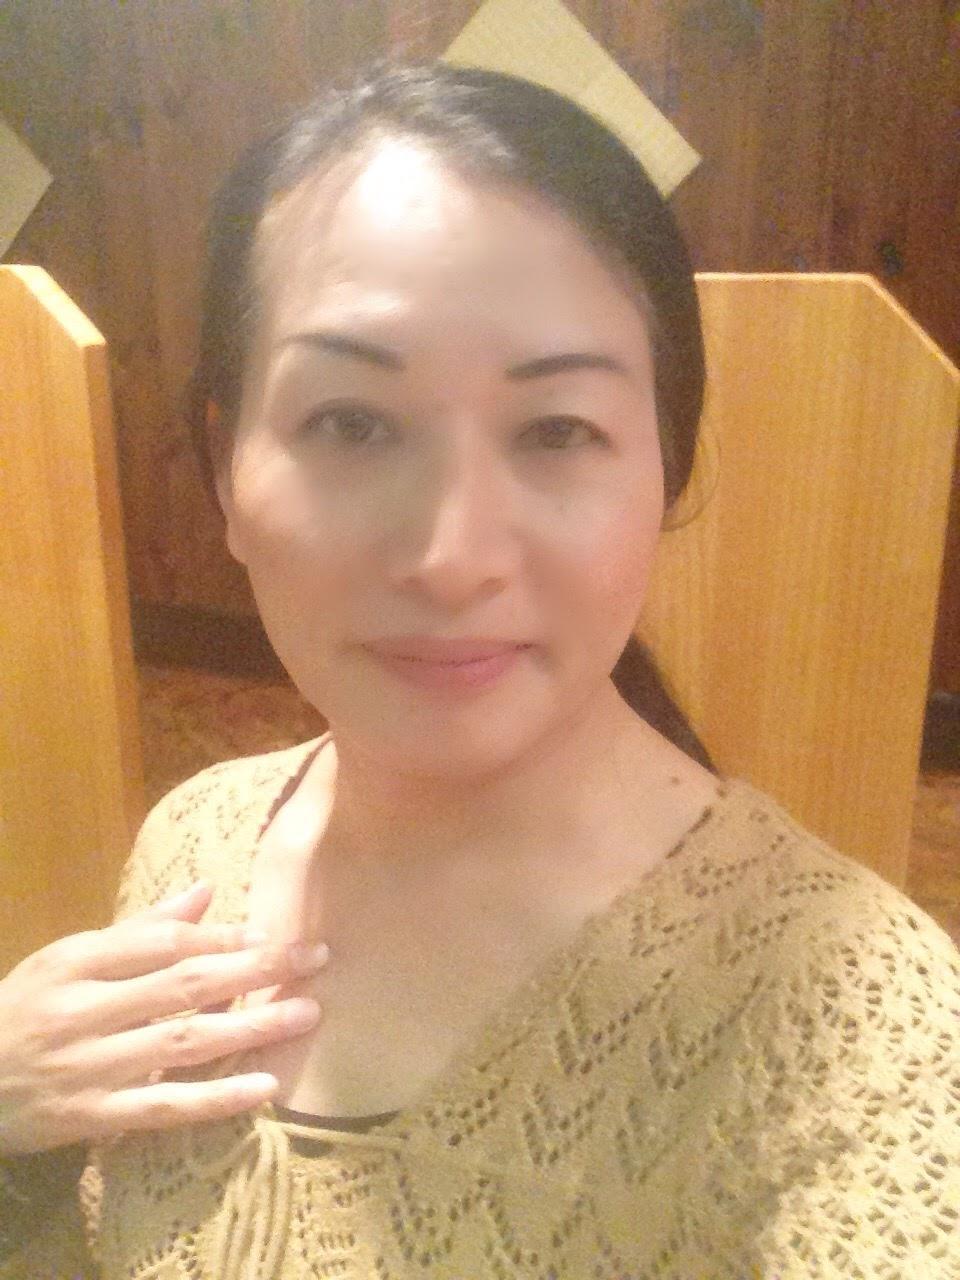 熟女NHヘルス孃マダム舞の袖振り合うも他生の縁|アナル診療のためのアダルトグッズ